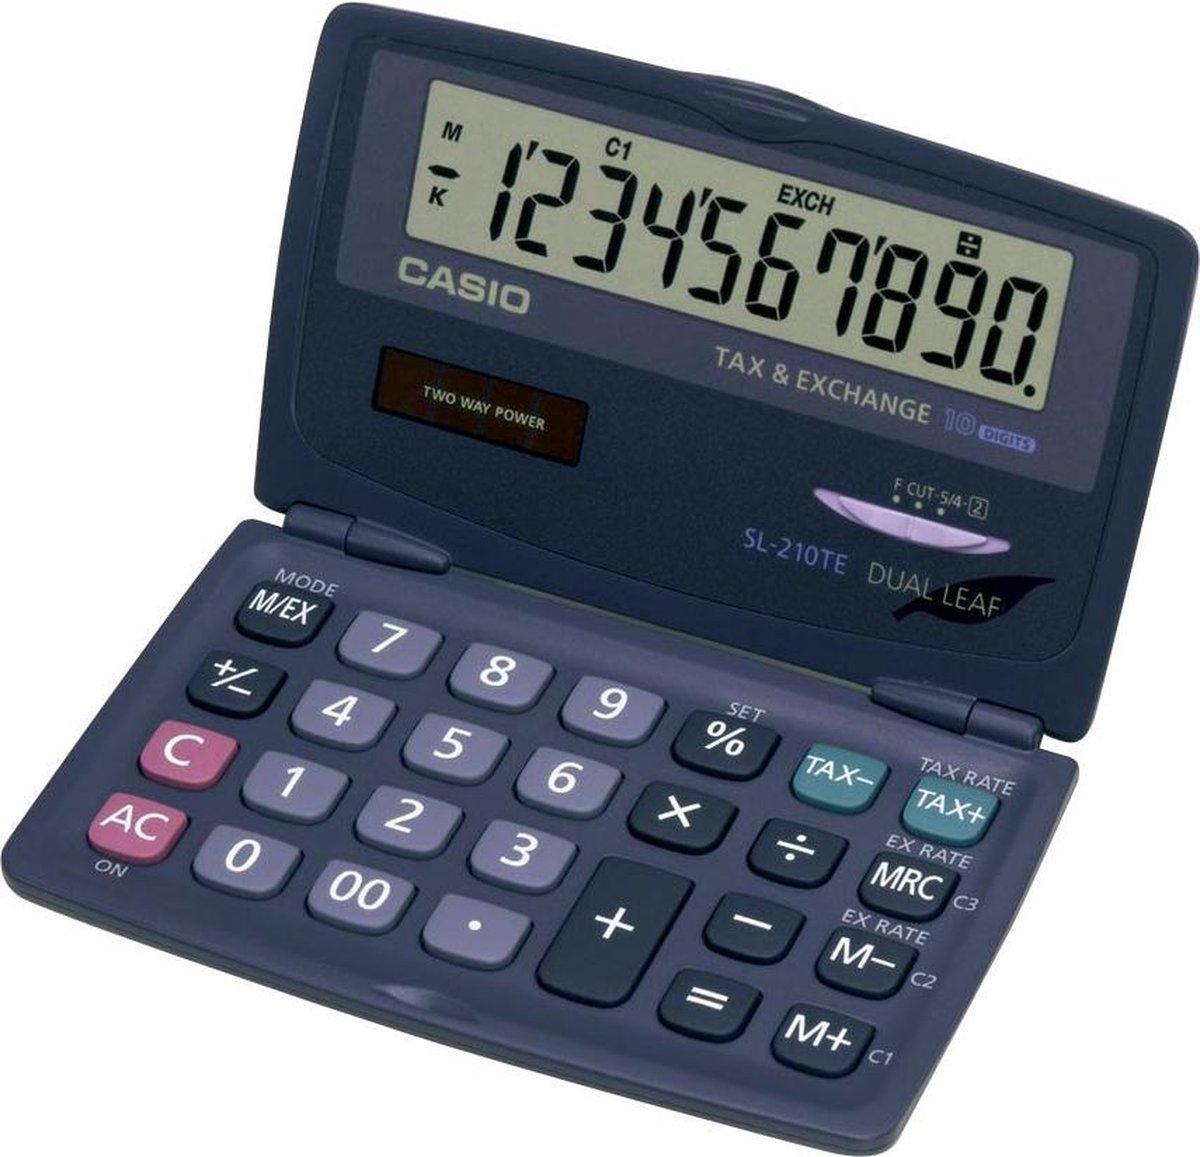 Casio SL-210TE - Bureaurekenmachine